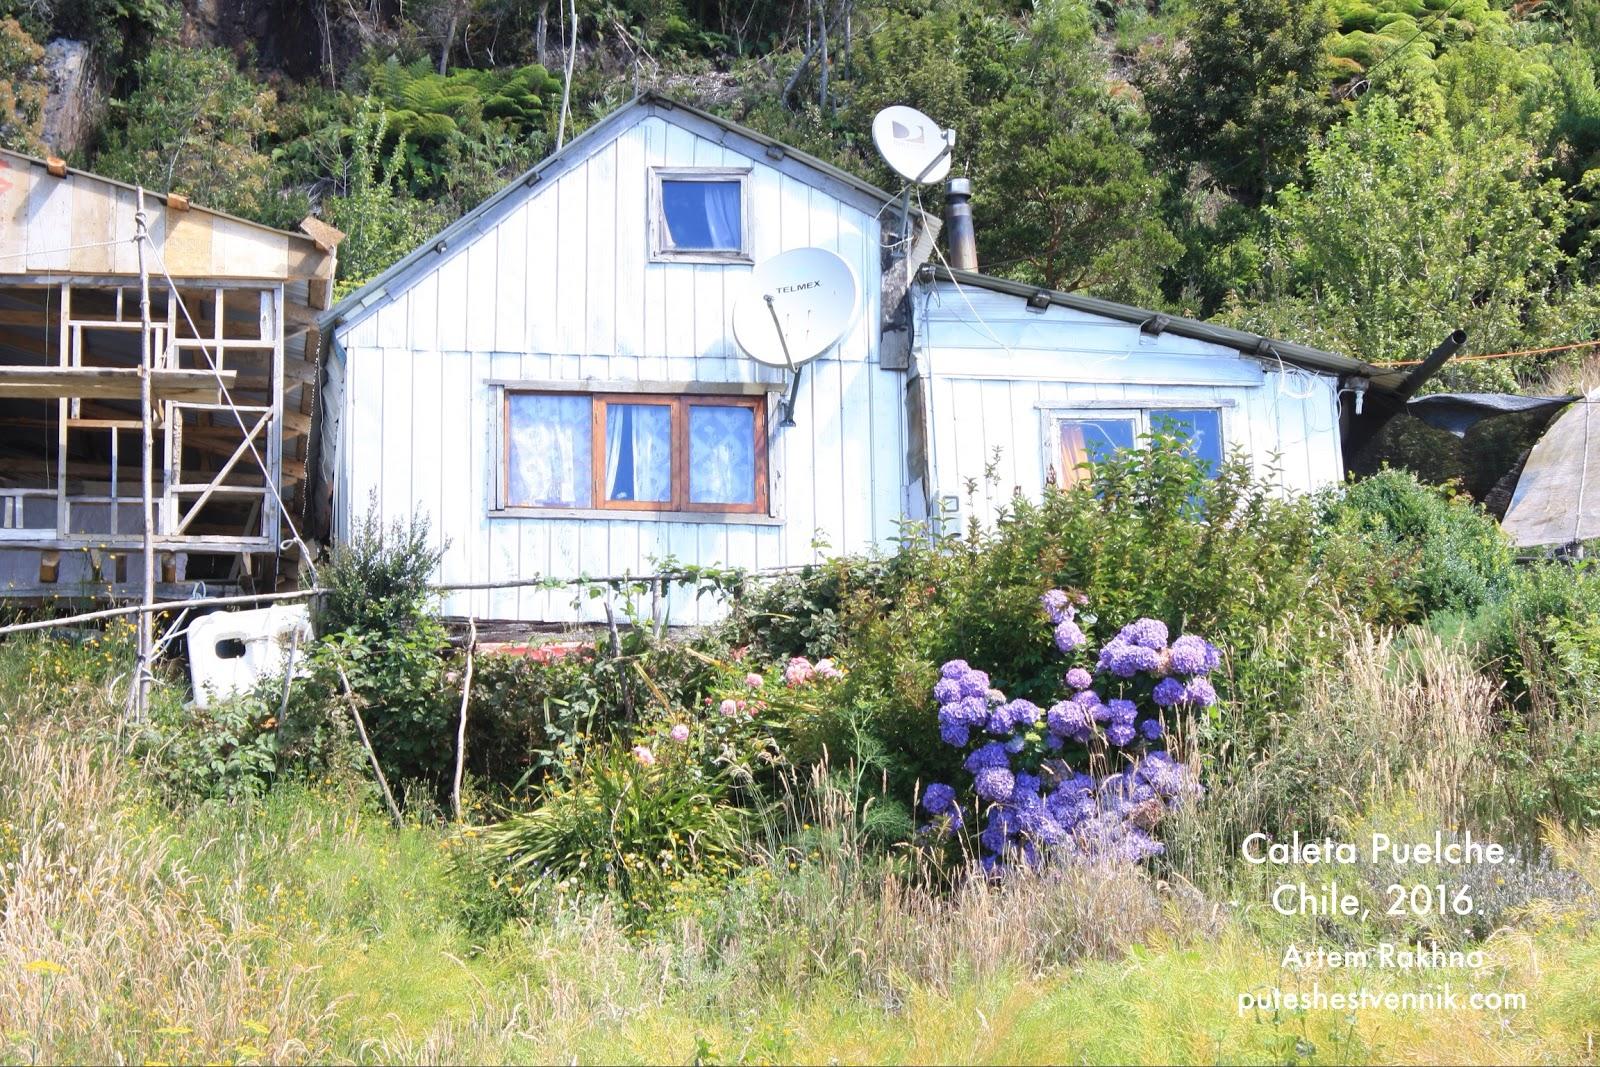 Дом со спутниковой тарелкой в Чили